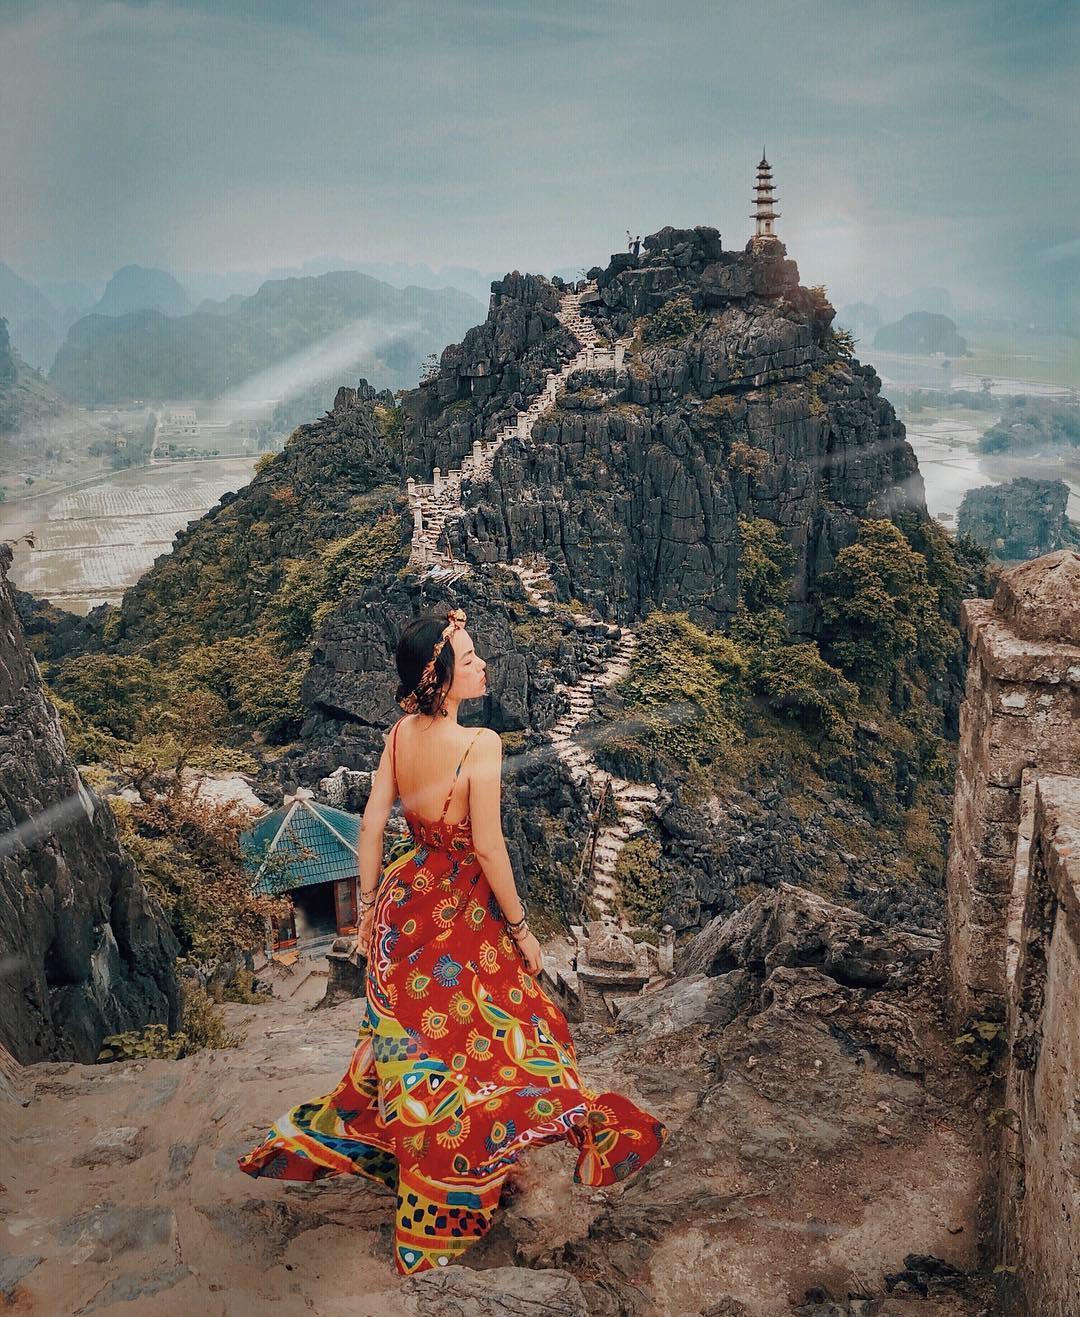 Chưa đến Trung Quốc ngắm Vạn Lý Trường Thành cũng đừng buồn, Việt Nam có hẳn 5 phiên bản rất đáng để check-in đây này! - Ảnh 1.